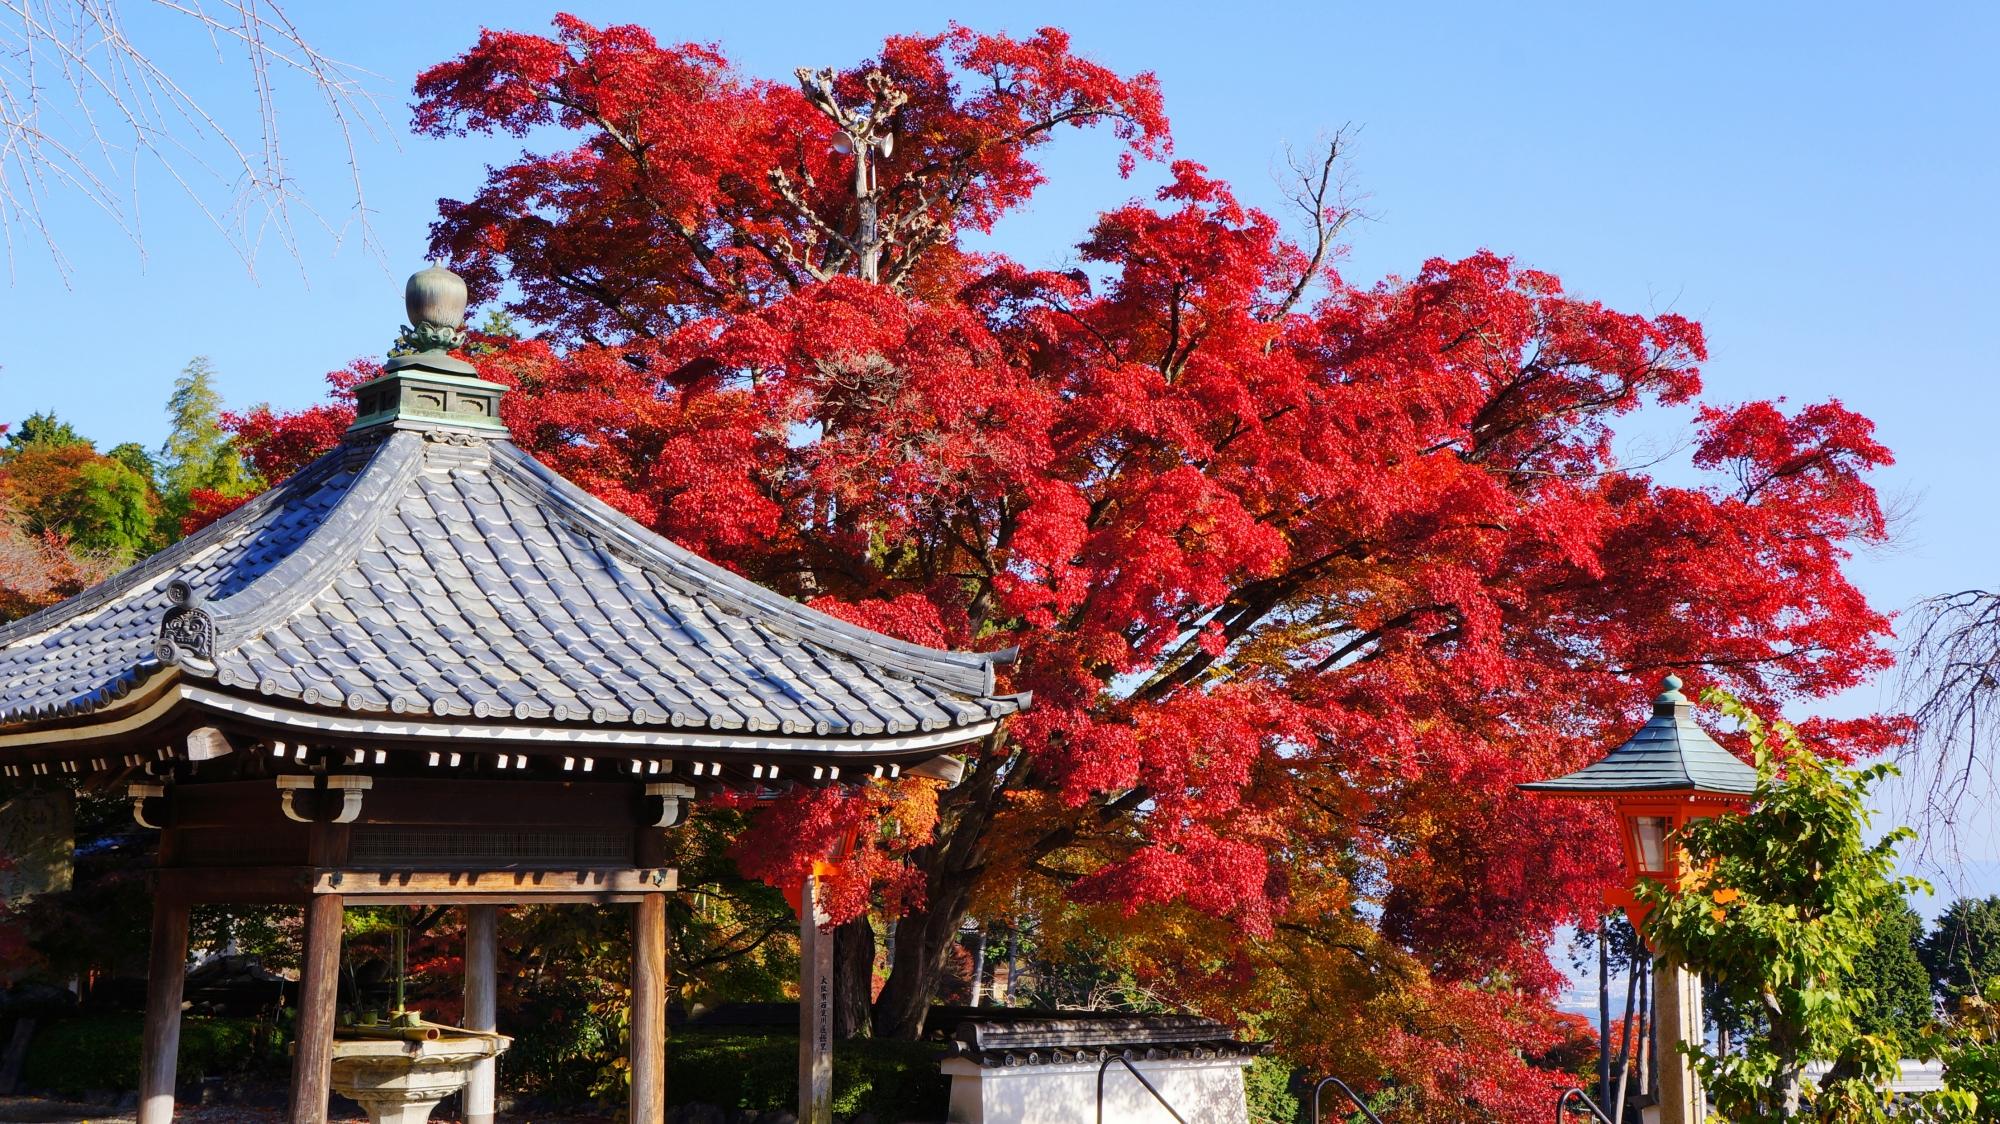 善峯寺の釈迦堂前の紅葉